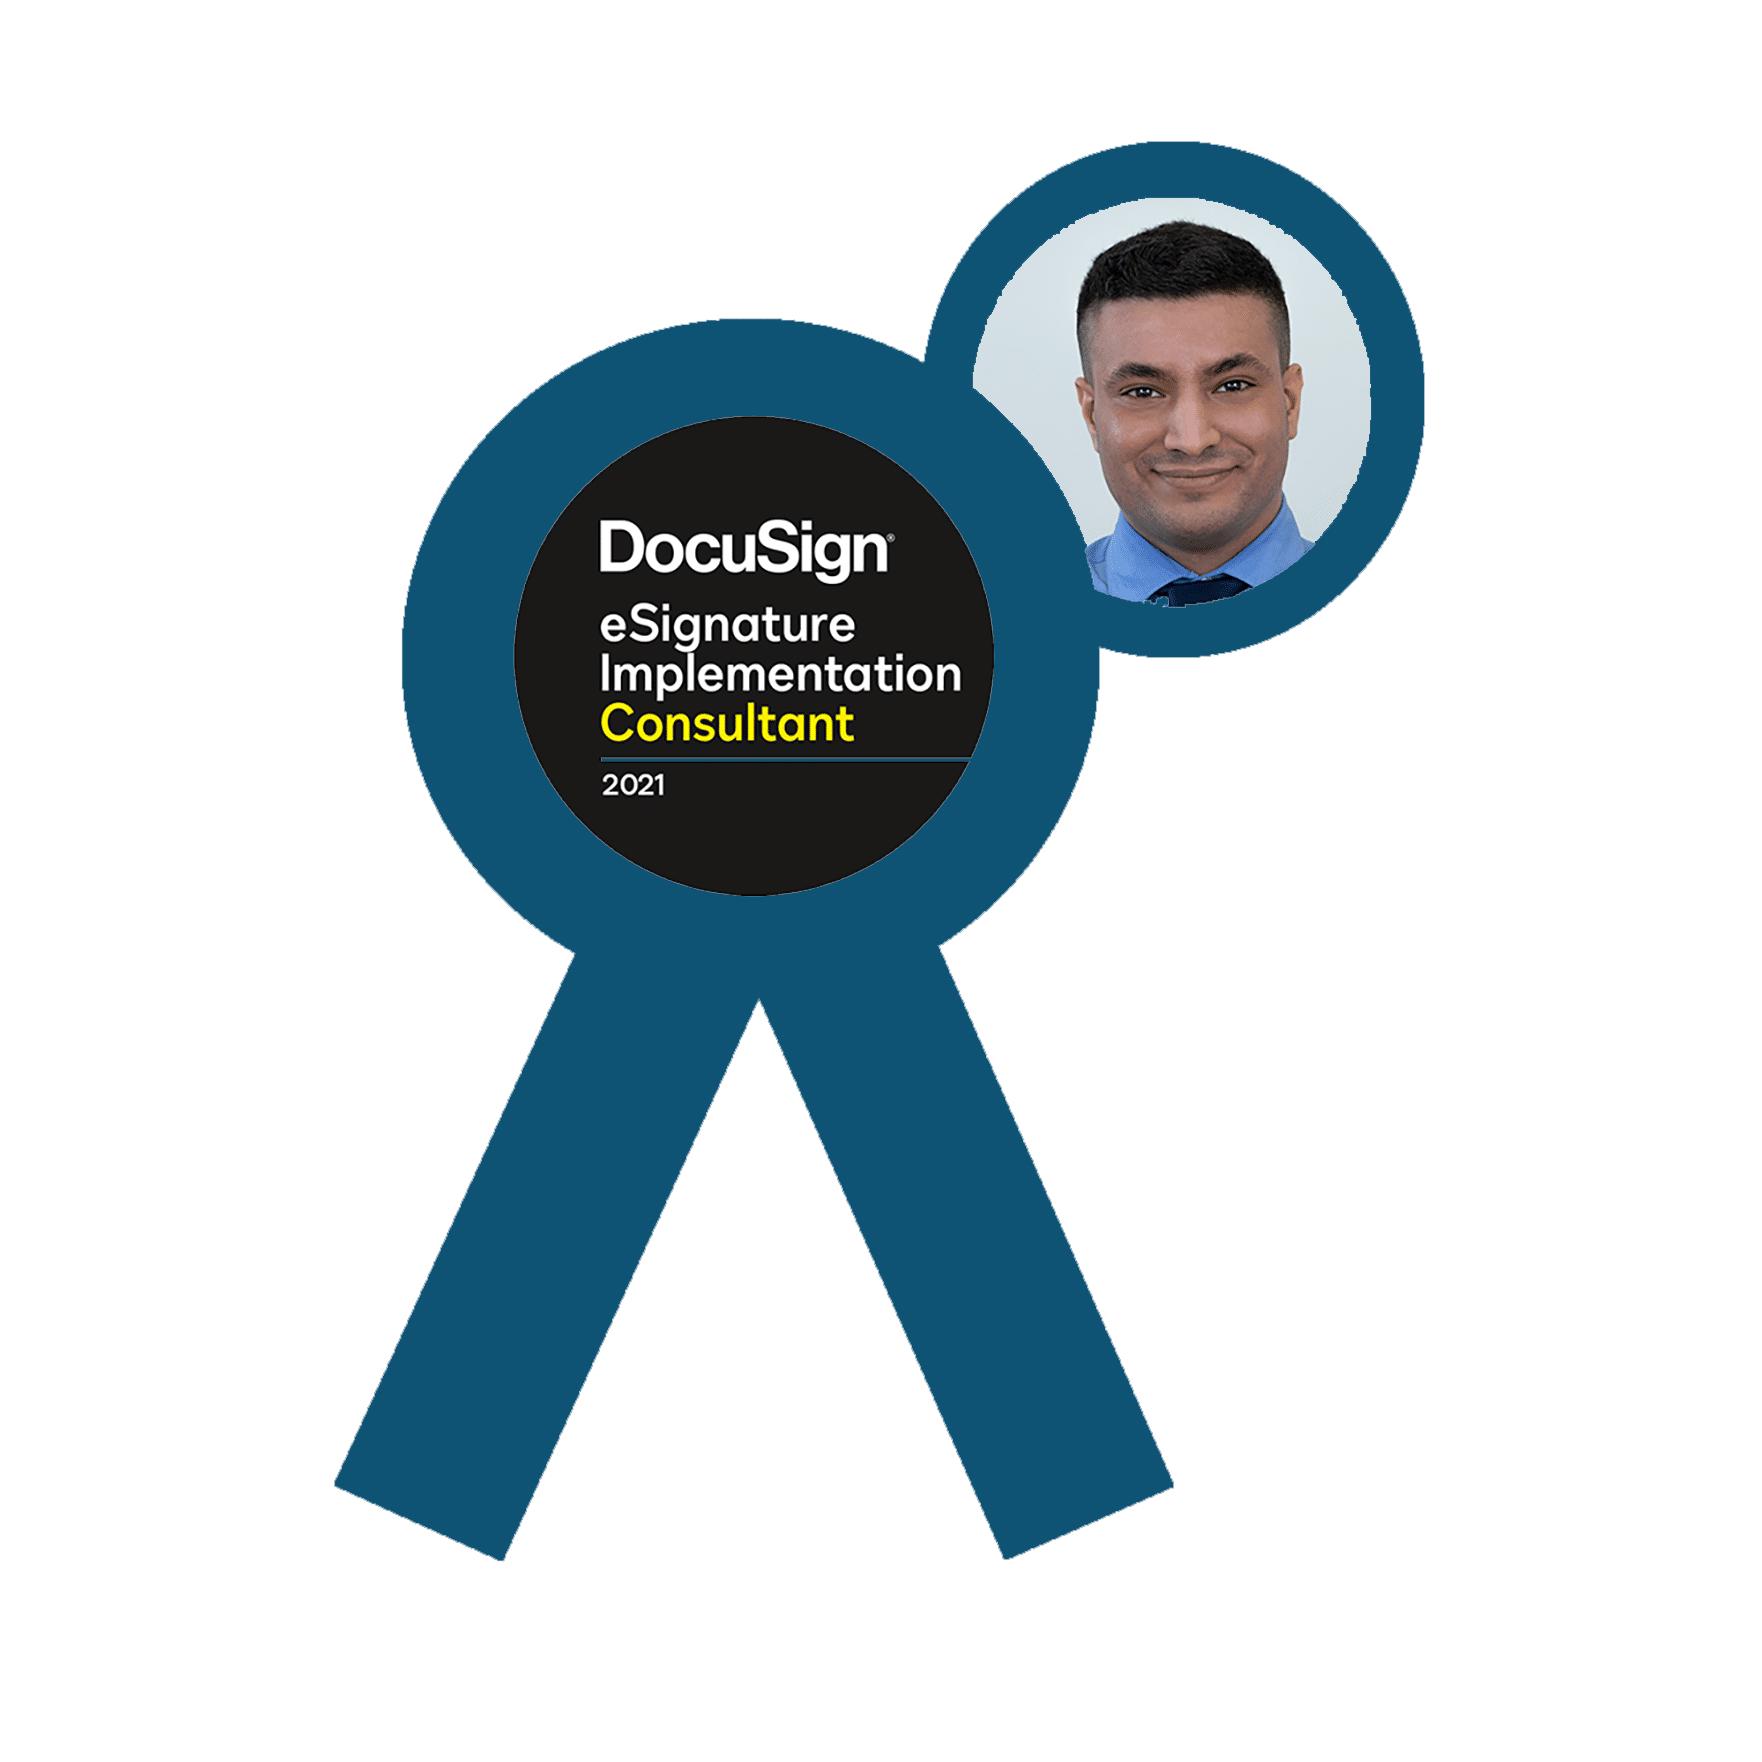 DocuSign eSignature Implementation Consultant 2021